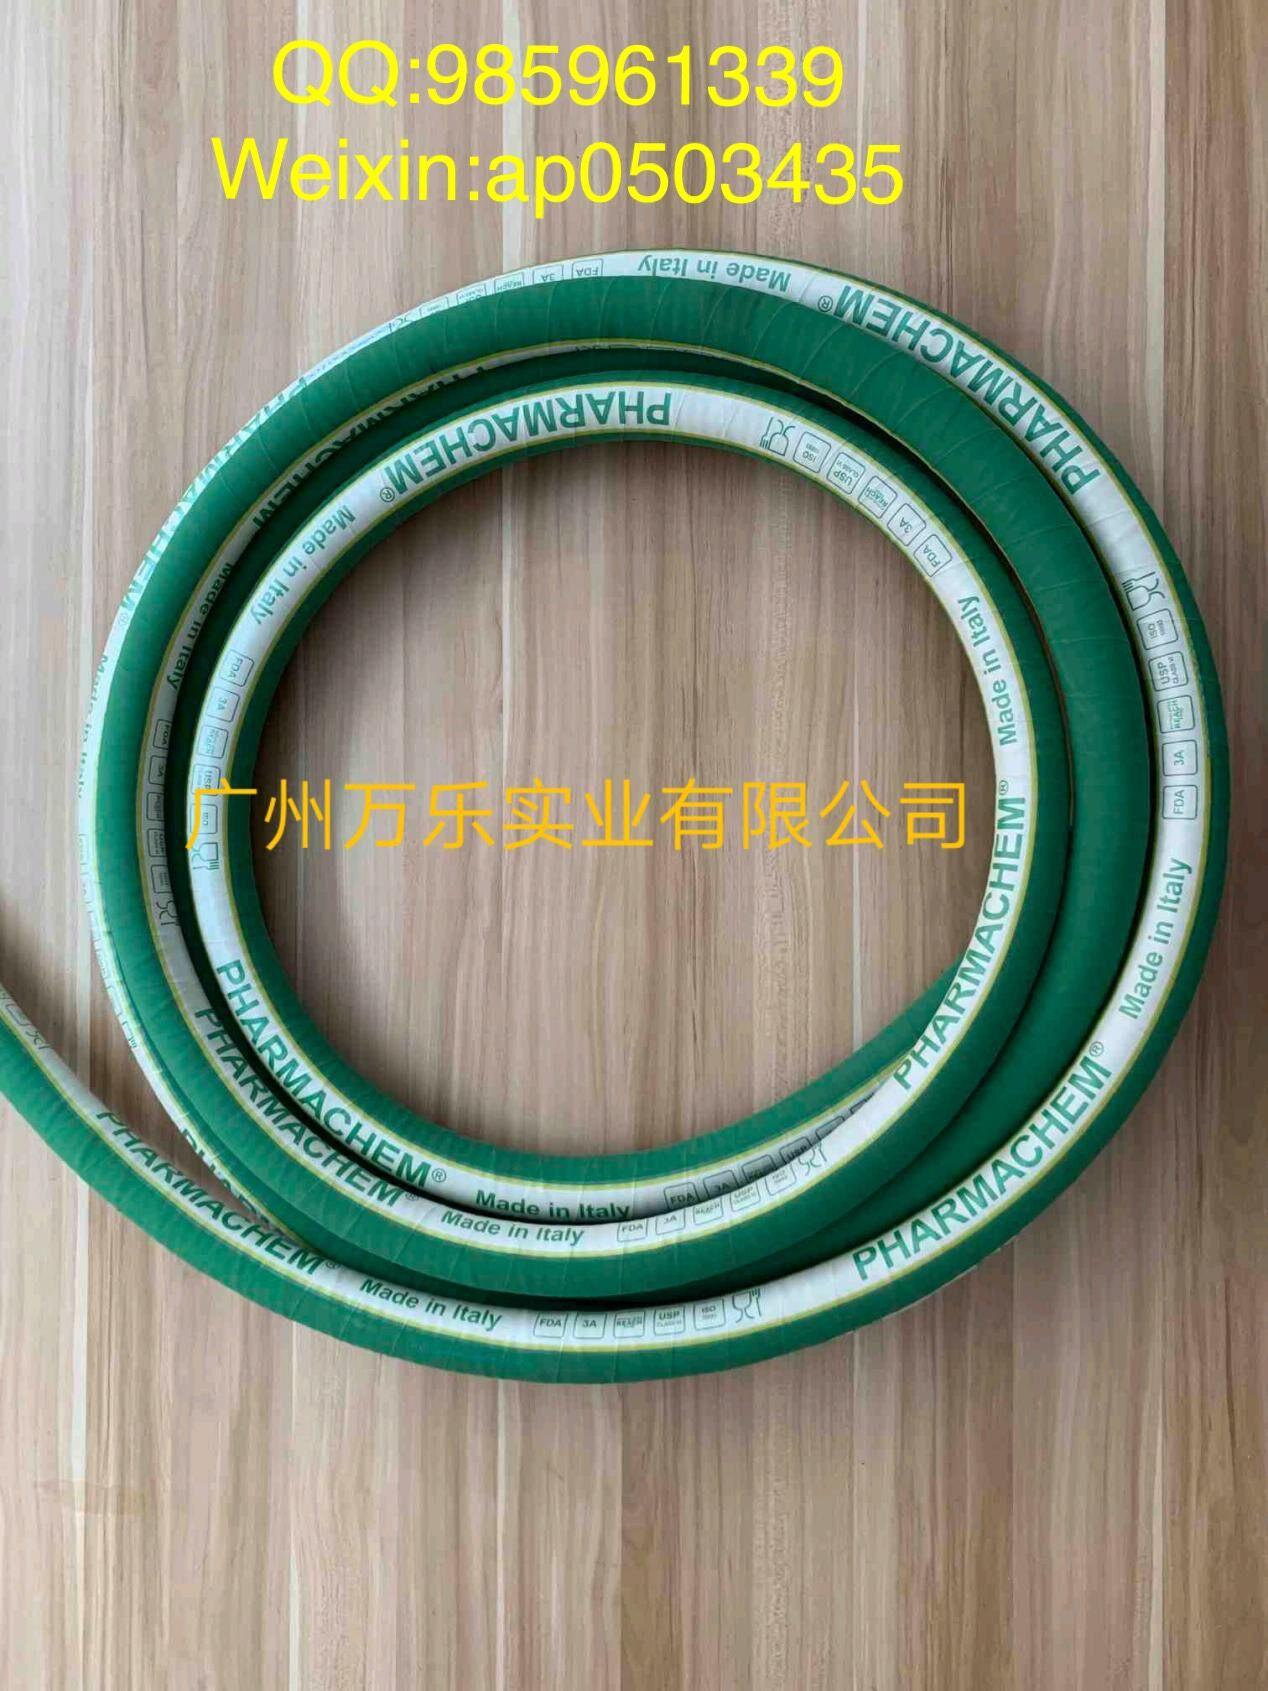 进口化学品软管-特氟龙软管砝码肯-广州万乐